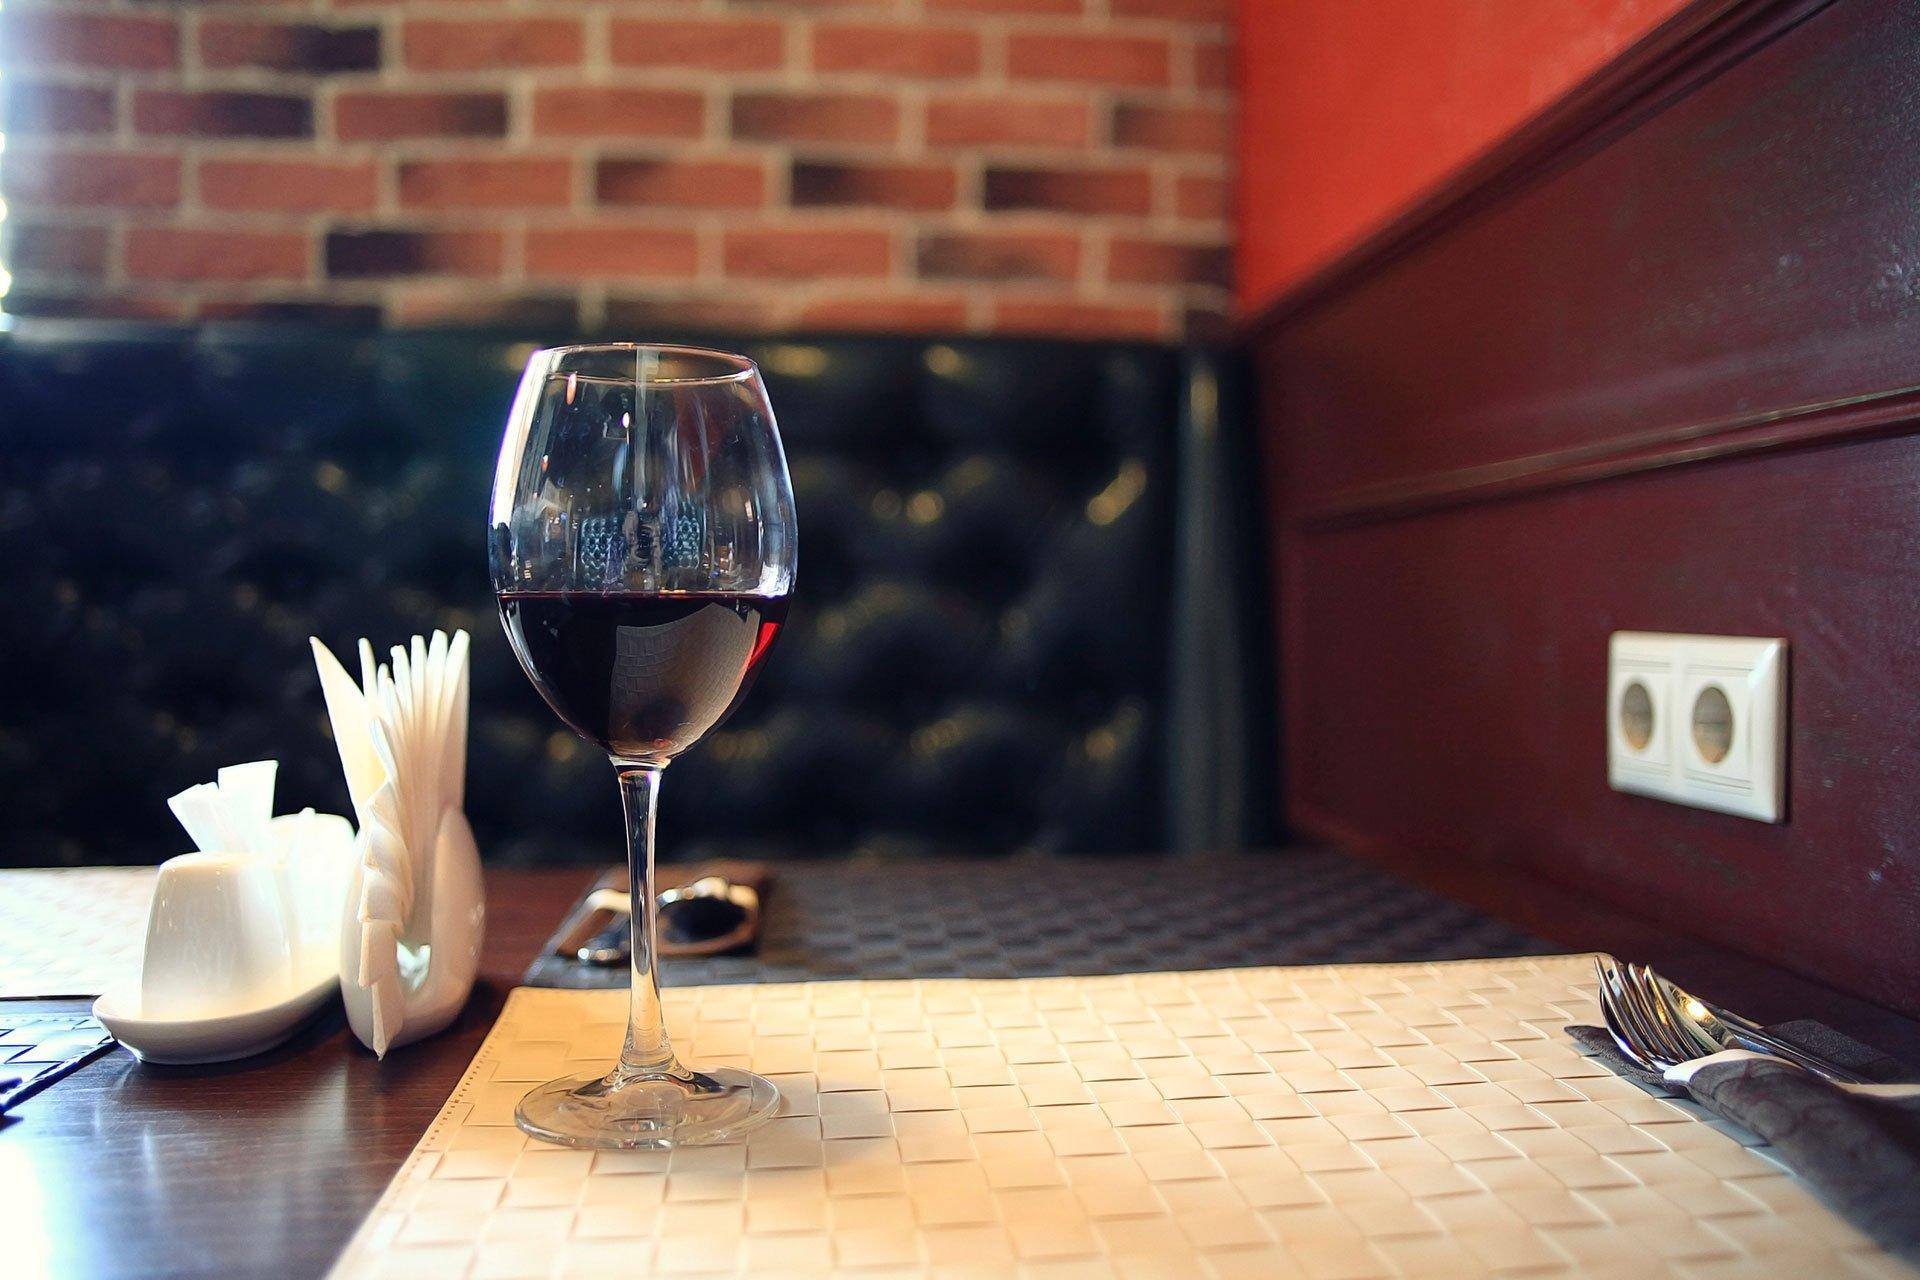 fancy wine in wine glass